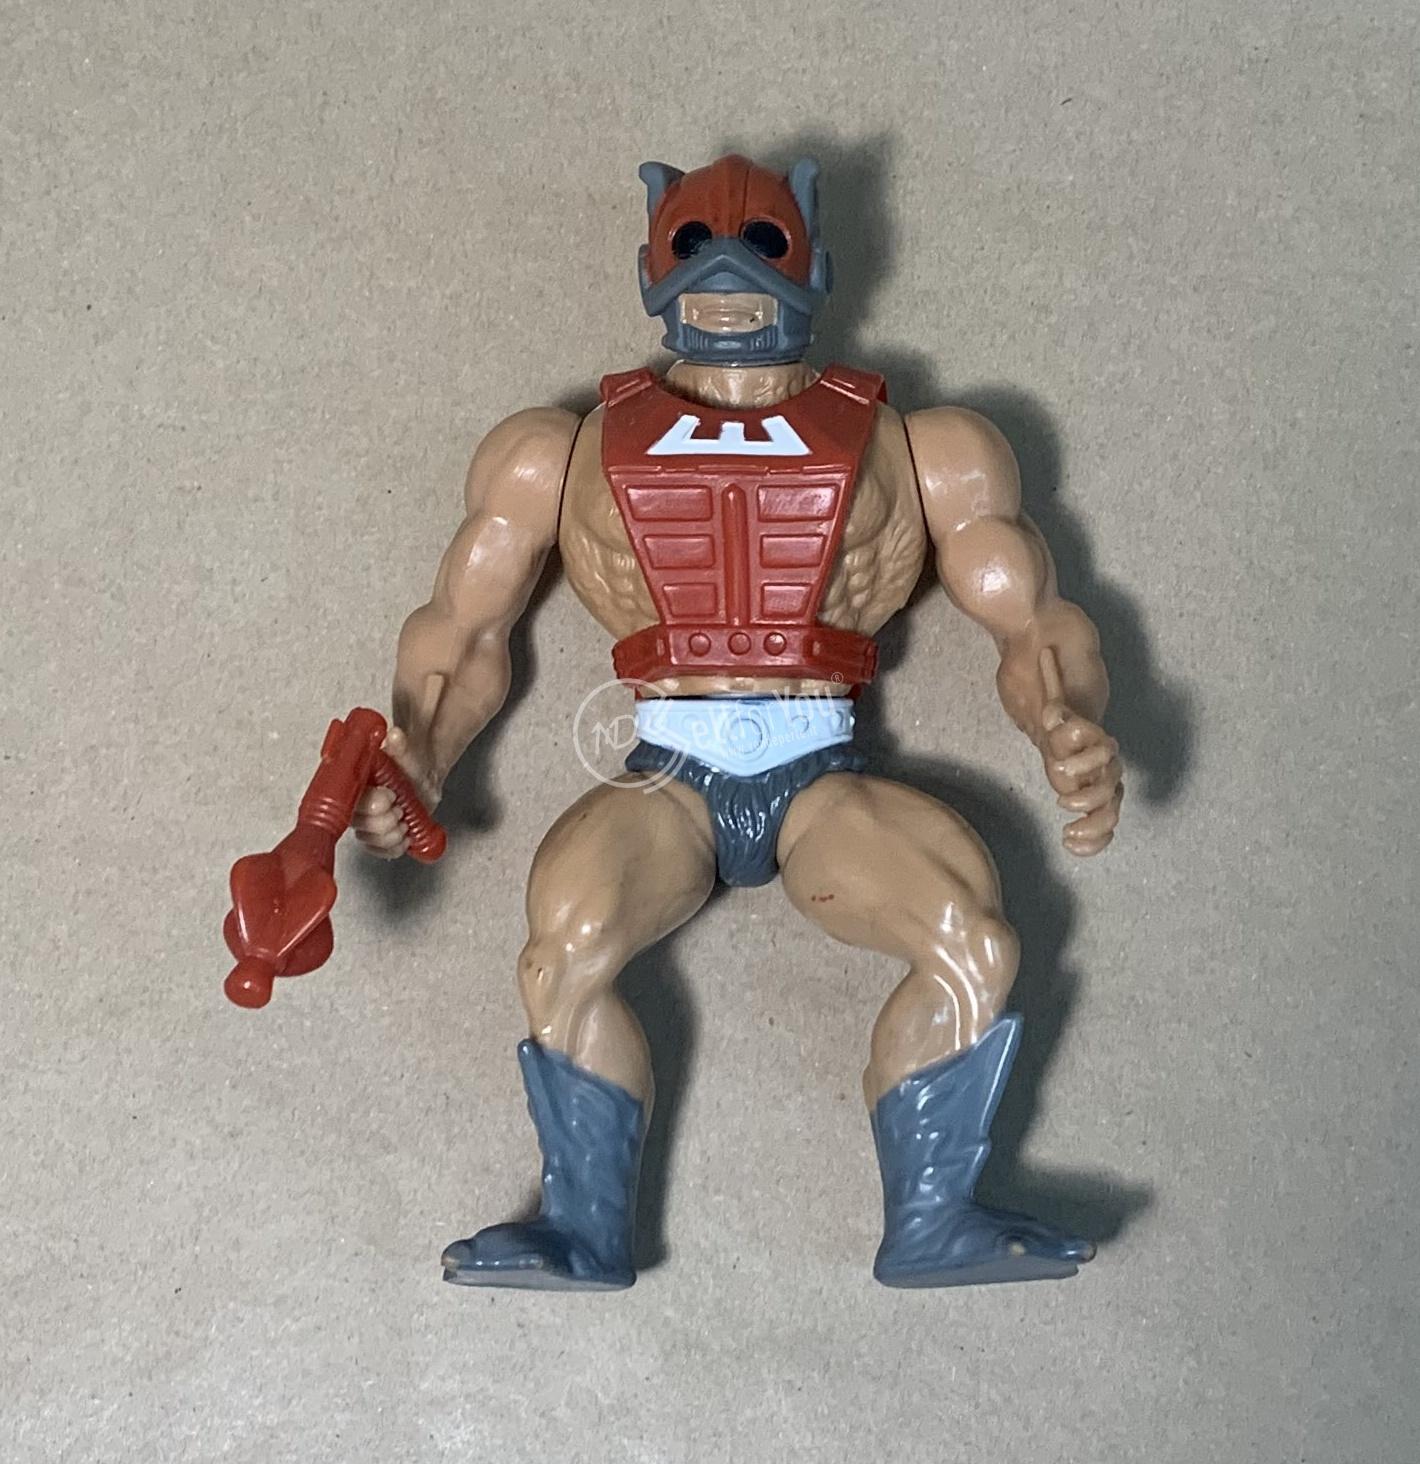 sellforyou immagine default articolo correlato non trovatoMasters of the Universe Zodac Mattel 1982